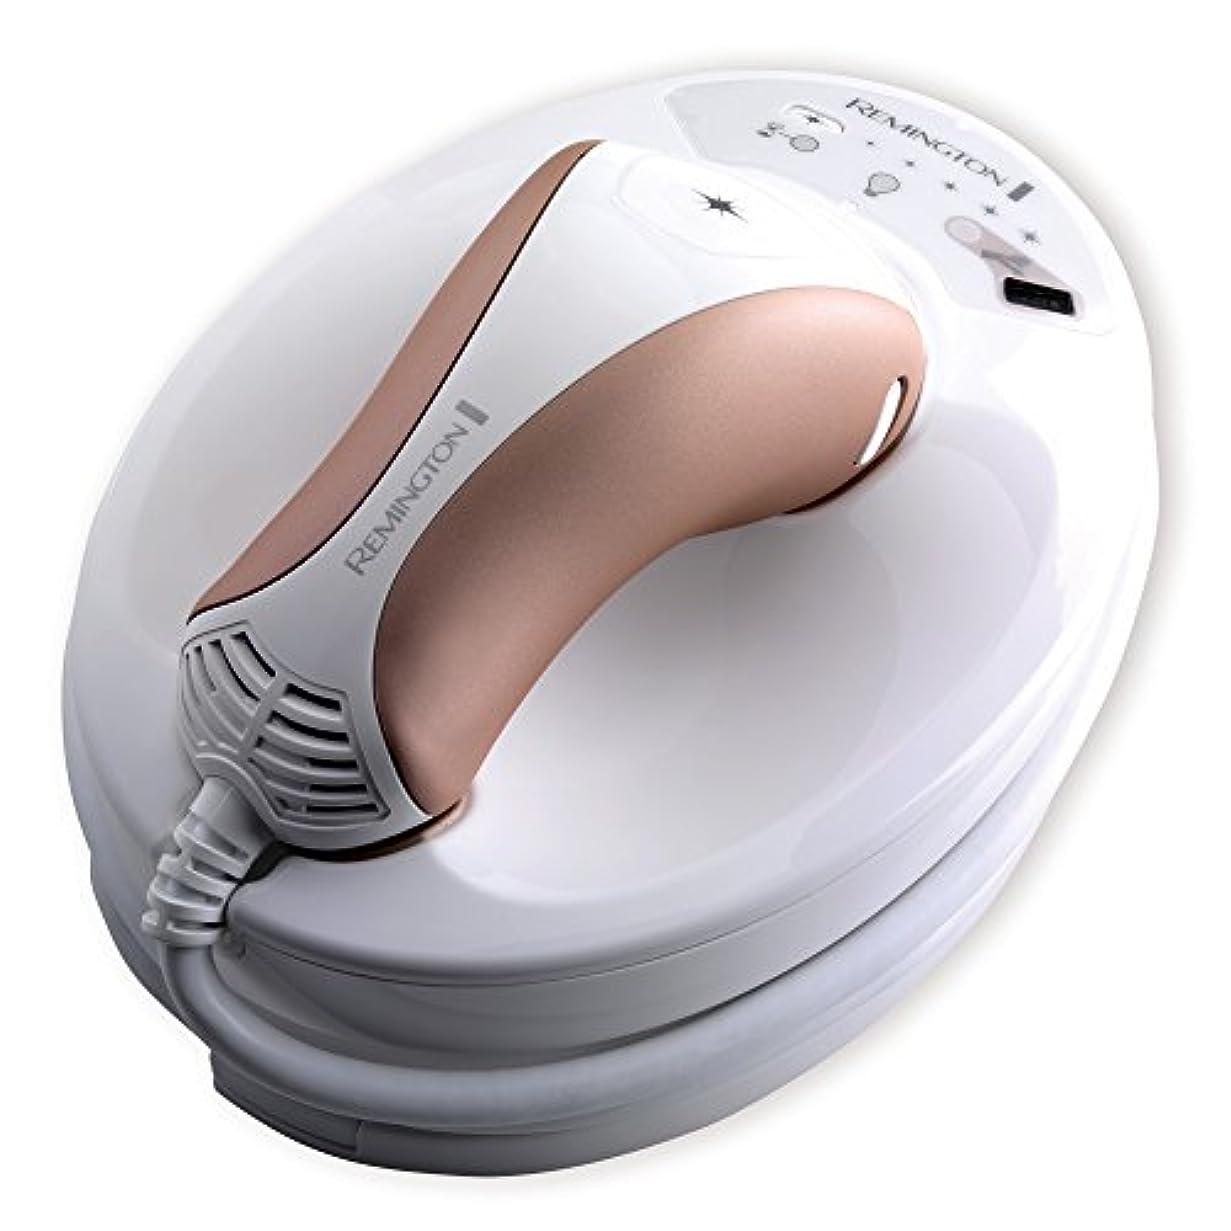 研究所レンドグレートオーク家庭用フラッシュ式脱毛機「I-LIGHT Pro」 男女兼用【並行輸入品】